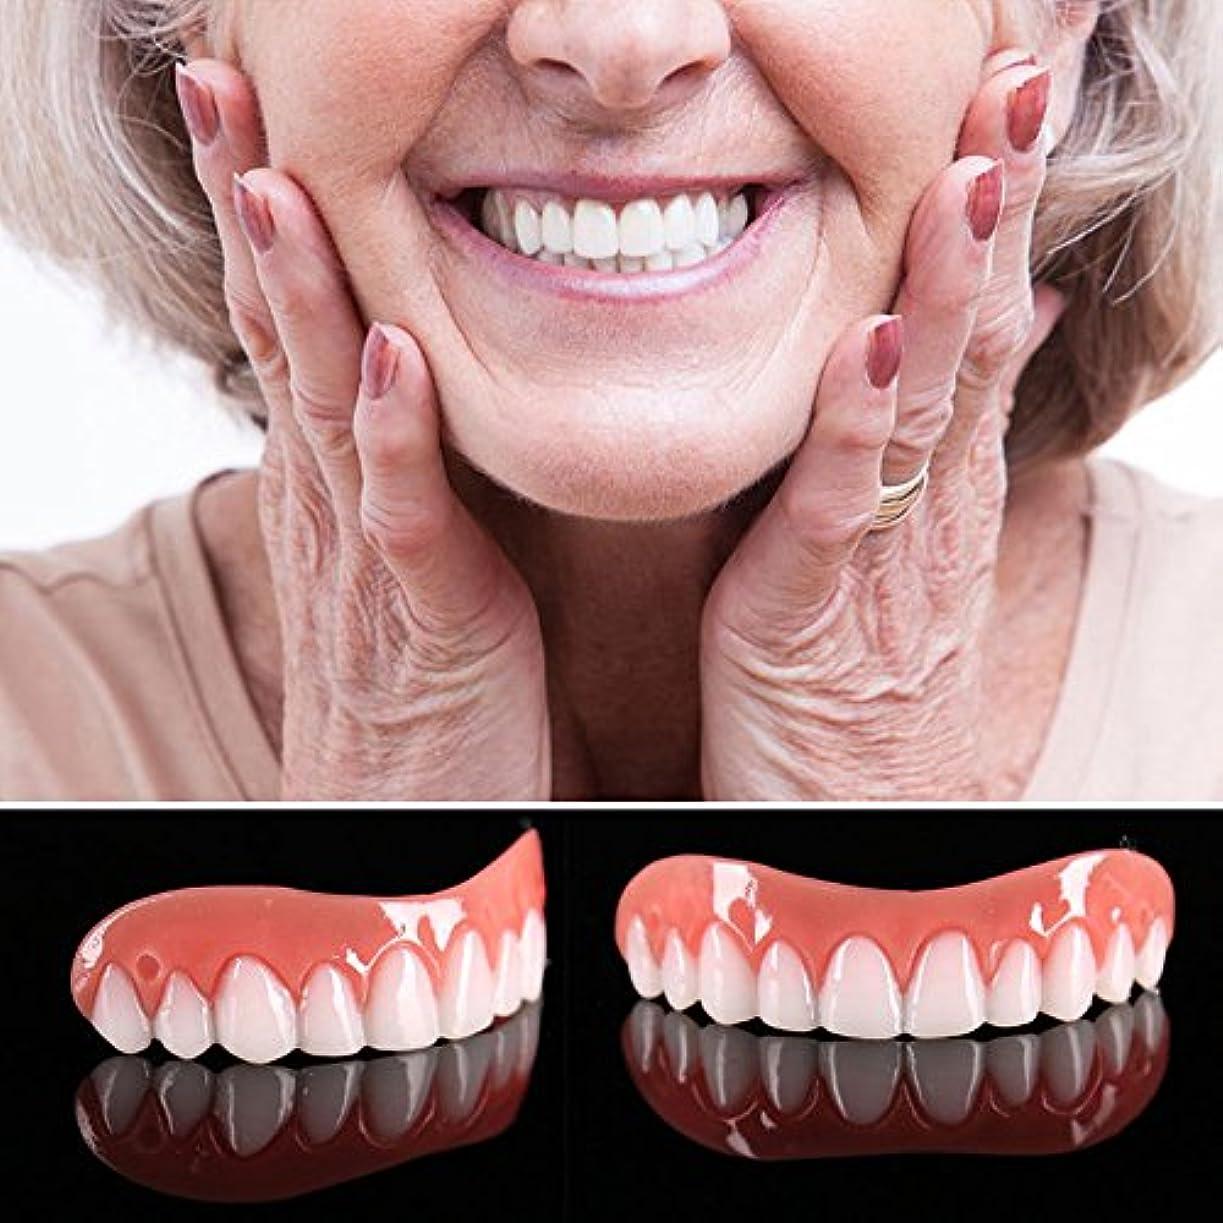 群れテクニカル切断する5ピースアッパーフェイク歯科用ベニアコンフォートフィット歯トップ化粧品ベニアワンサイズフィットすべての義歯接着剤歯偽義歯歯笑顔